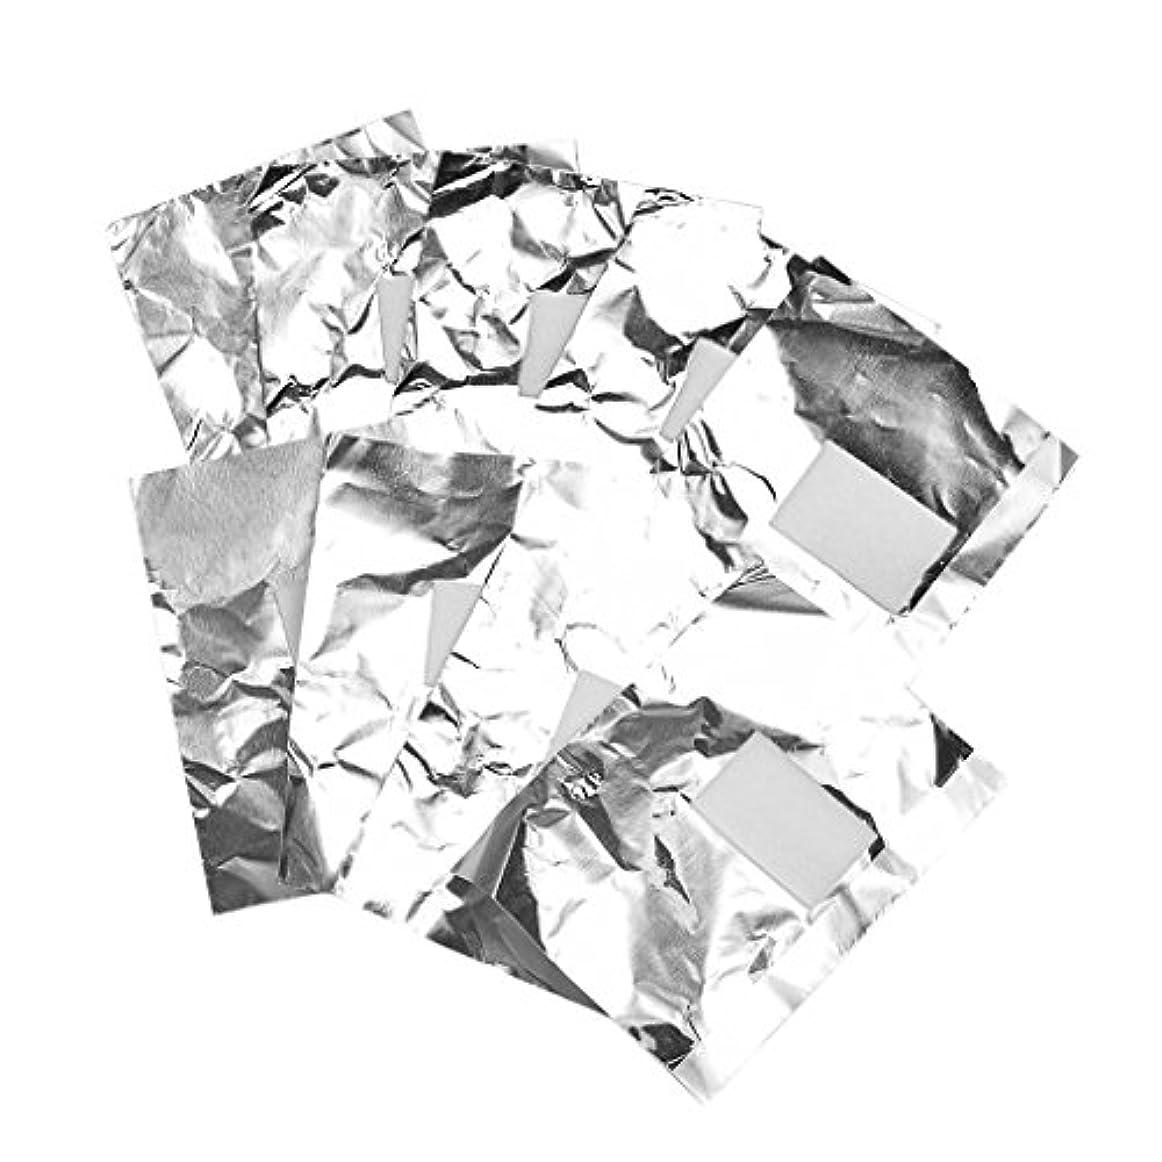 マウント分類バスト約100枚 ジェル除却 ネイルアート ネイル装飾除き 錫箔紙 ネイルオイル 包み紙 クリーナーツール